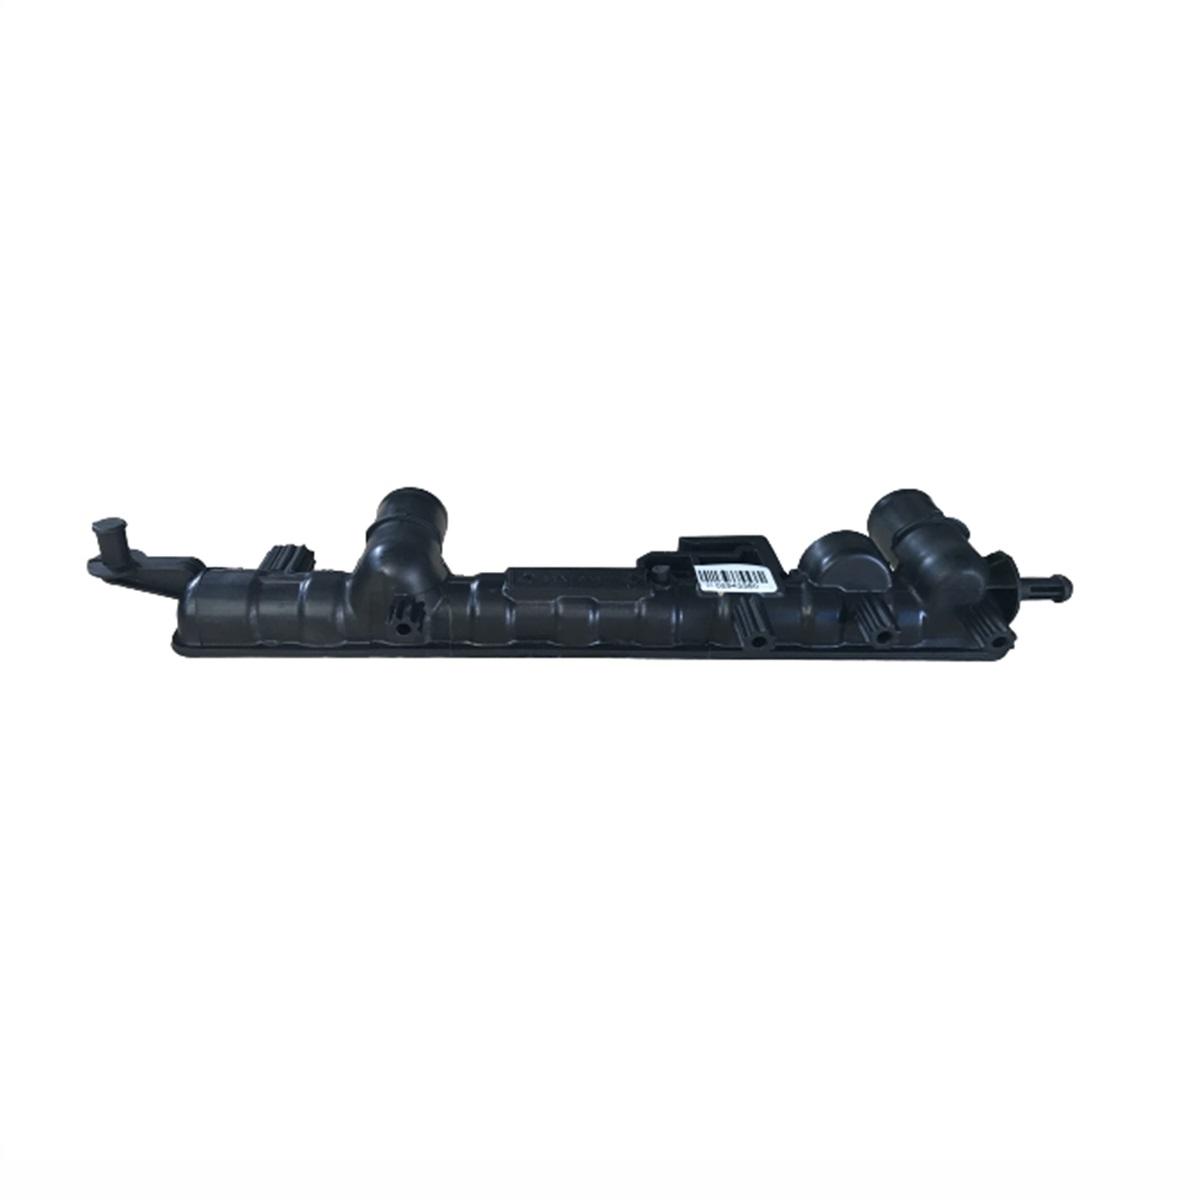 Caixa de Radiador Superior Fiat Fire Modelo Valeo 1.0 43mmx380mm